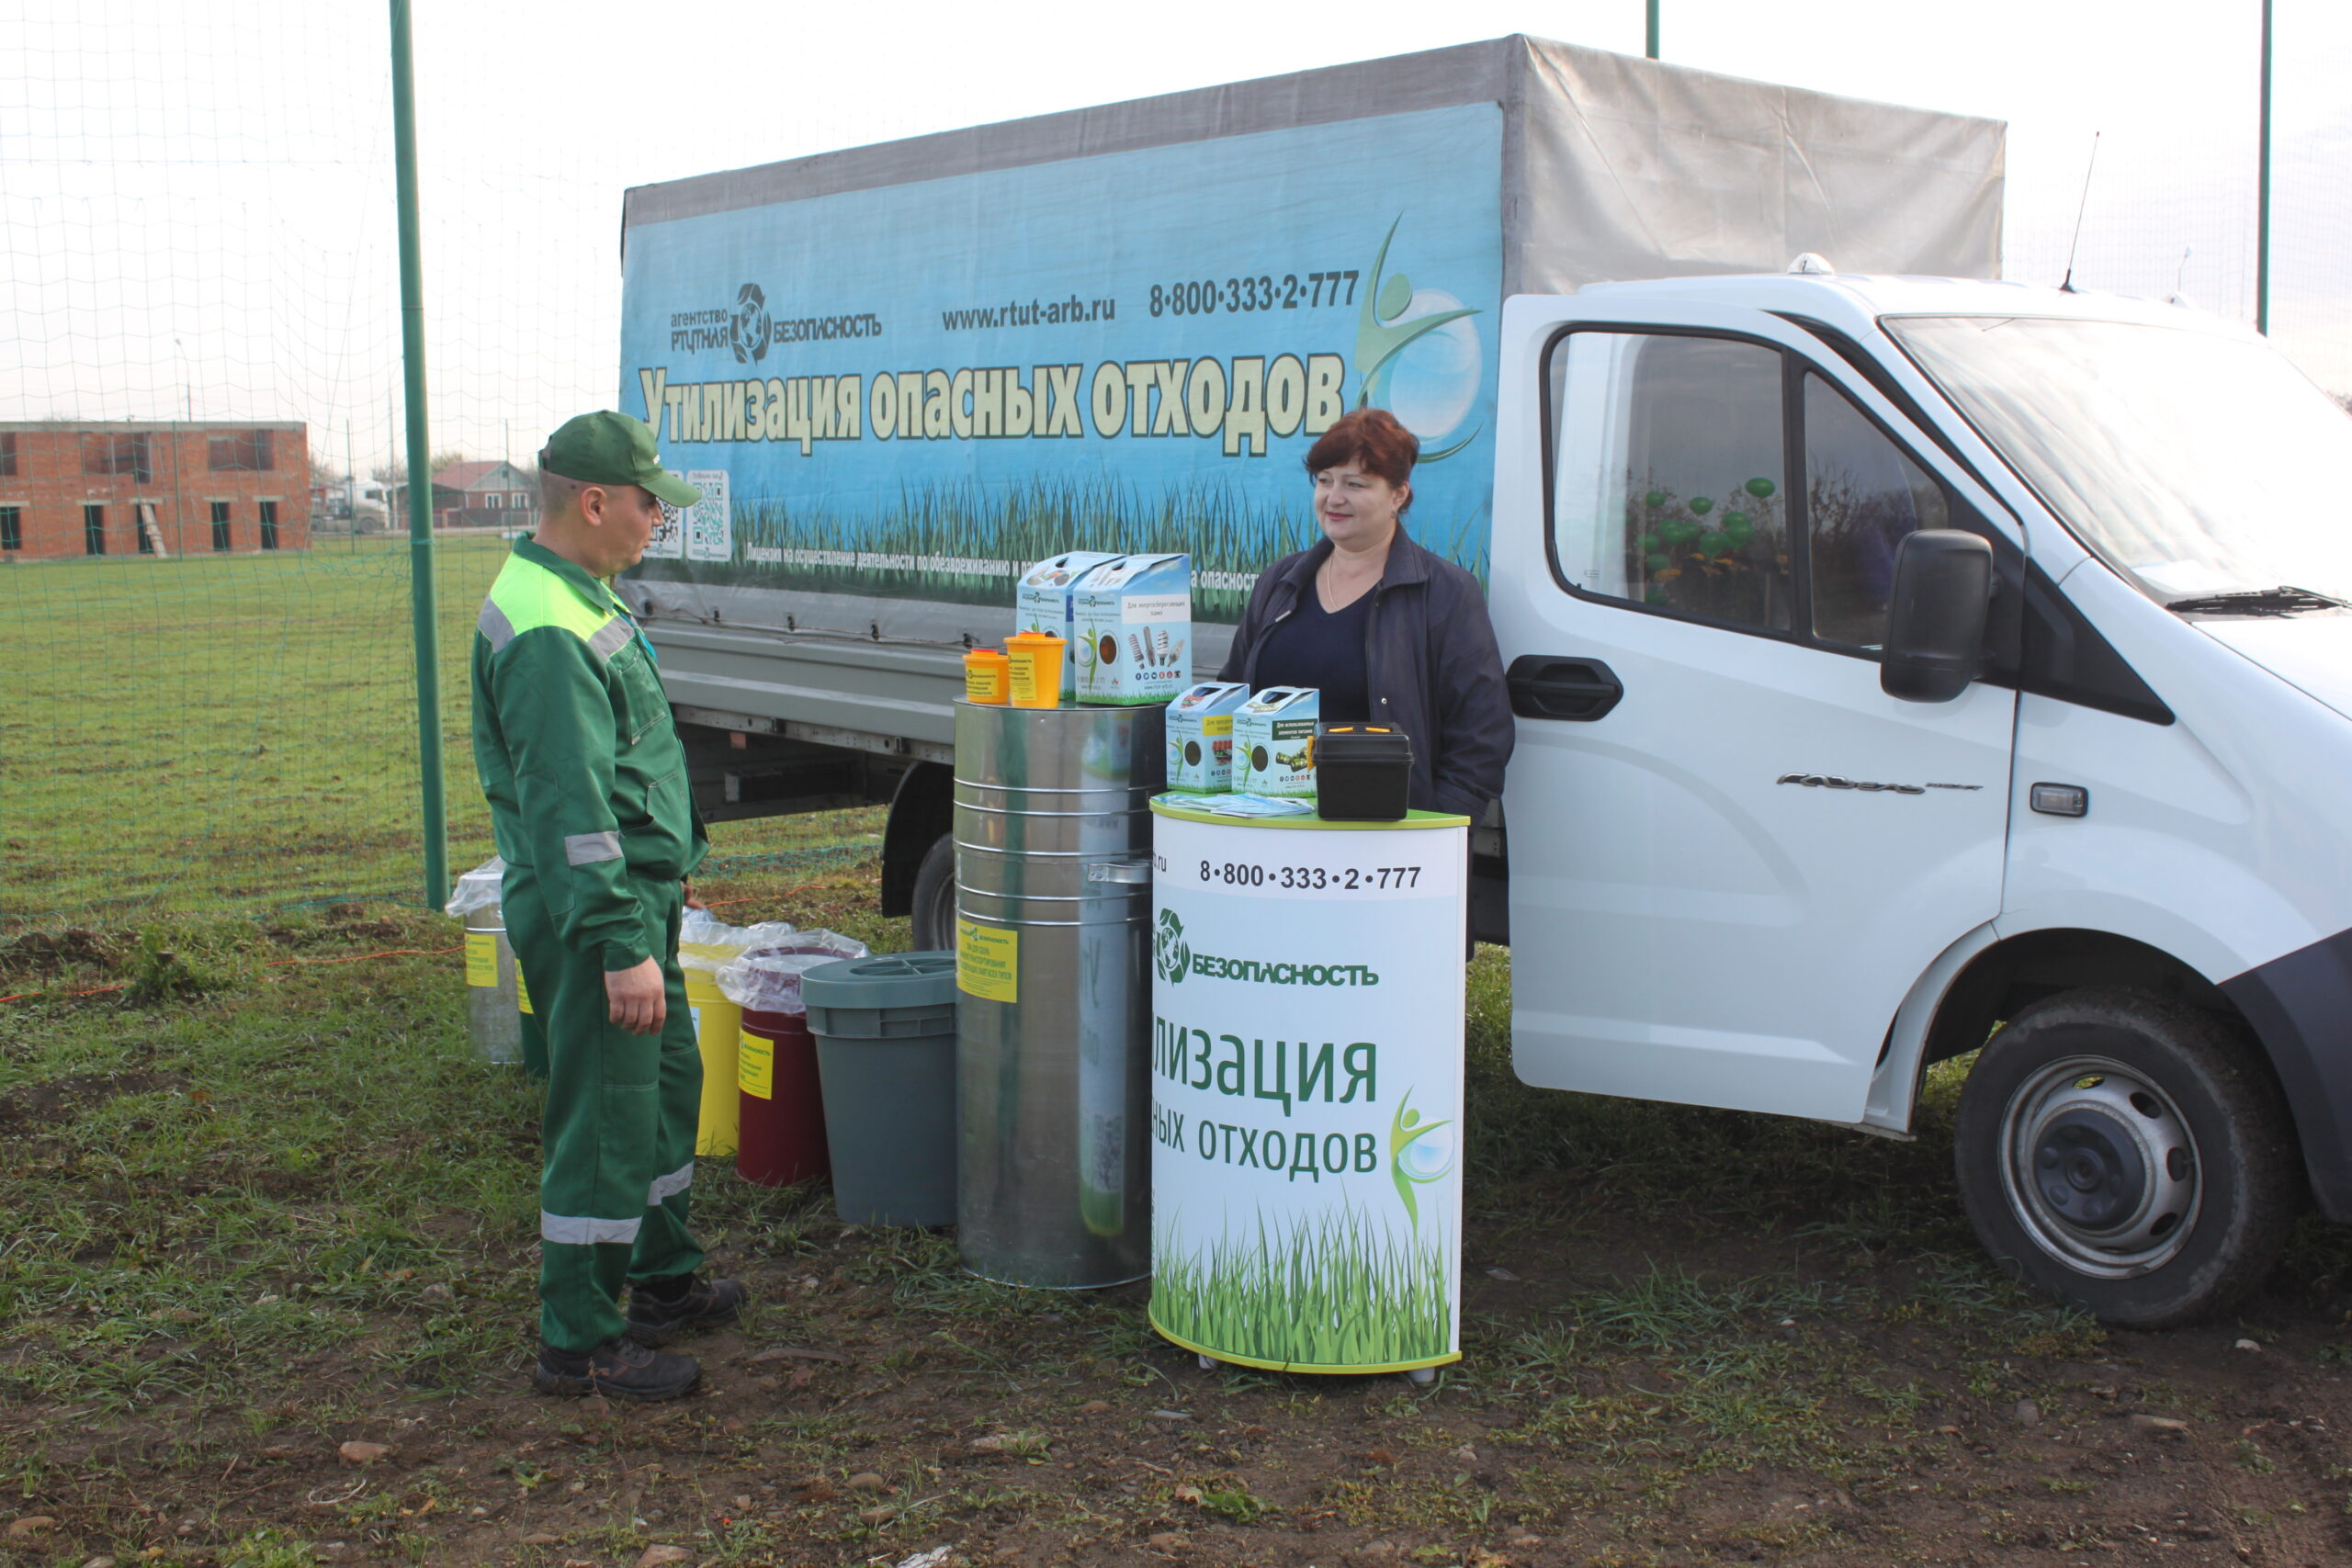 Агентство «Ртутная безопасность» проведет экологическую акцию в Краснодаре